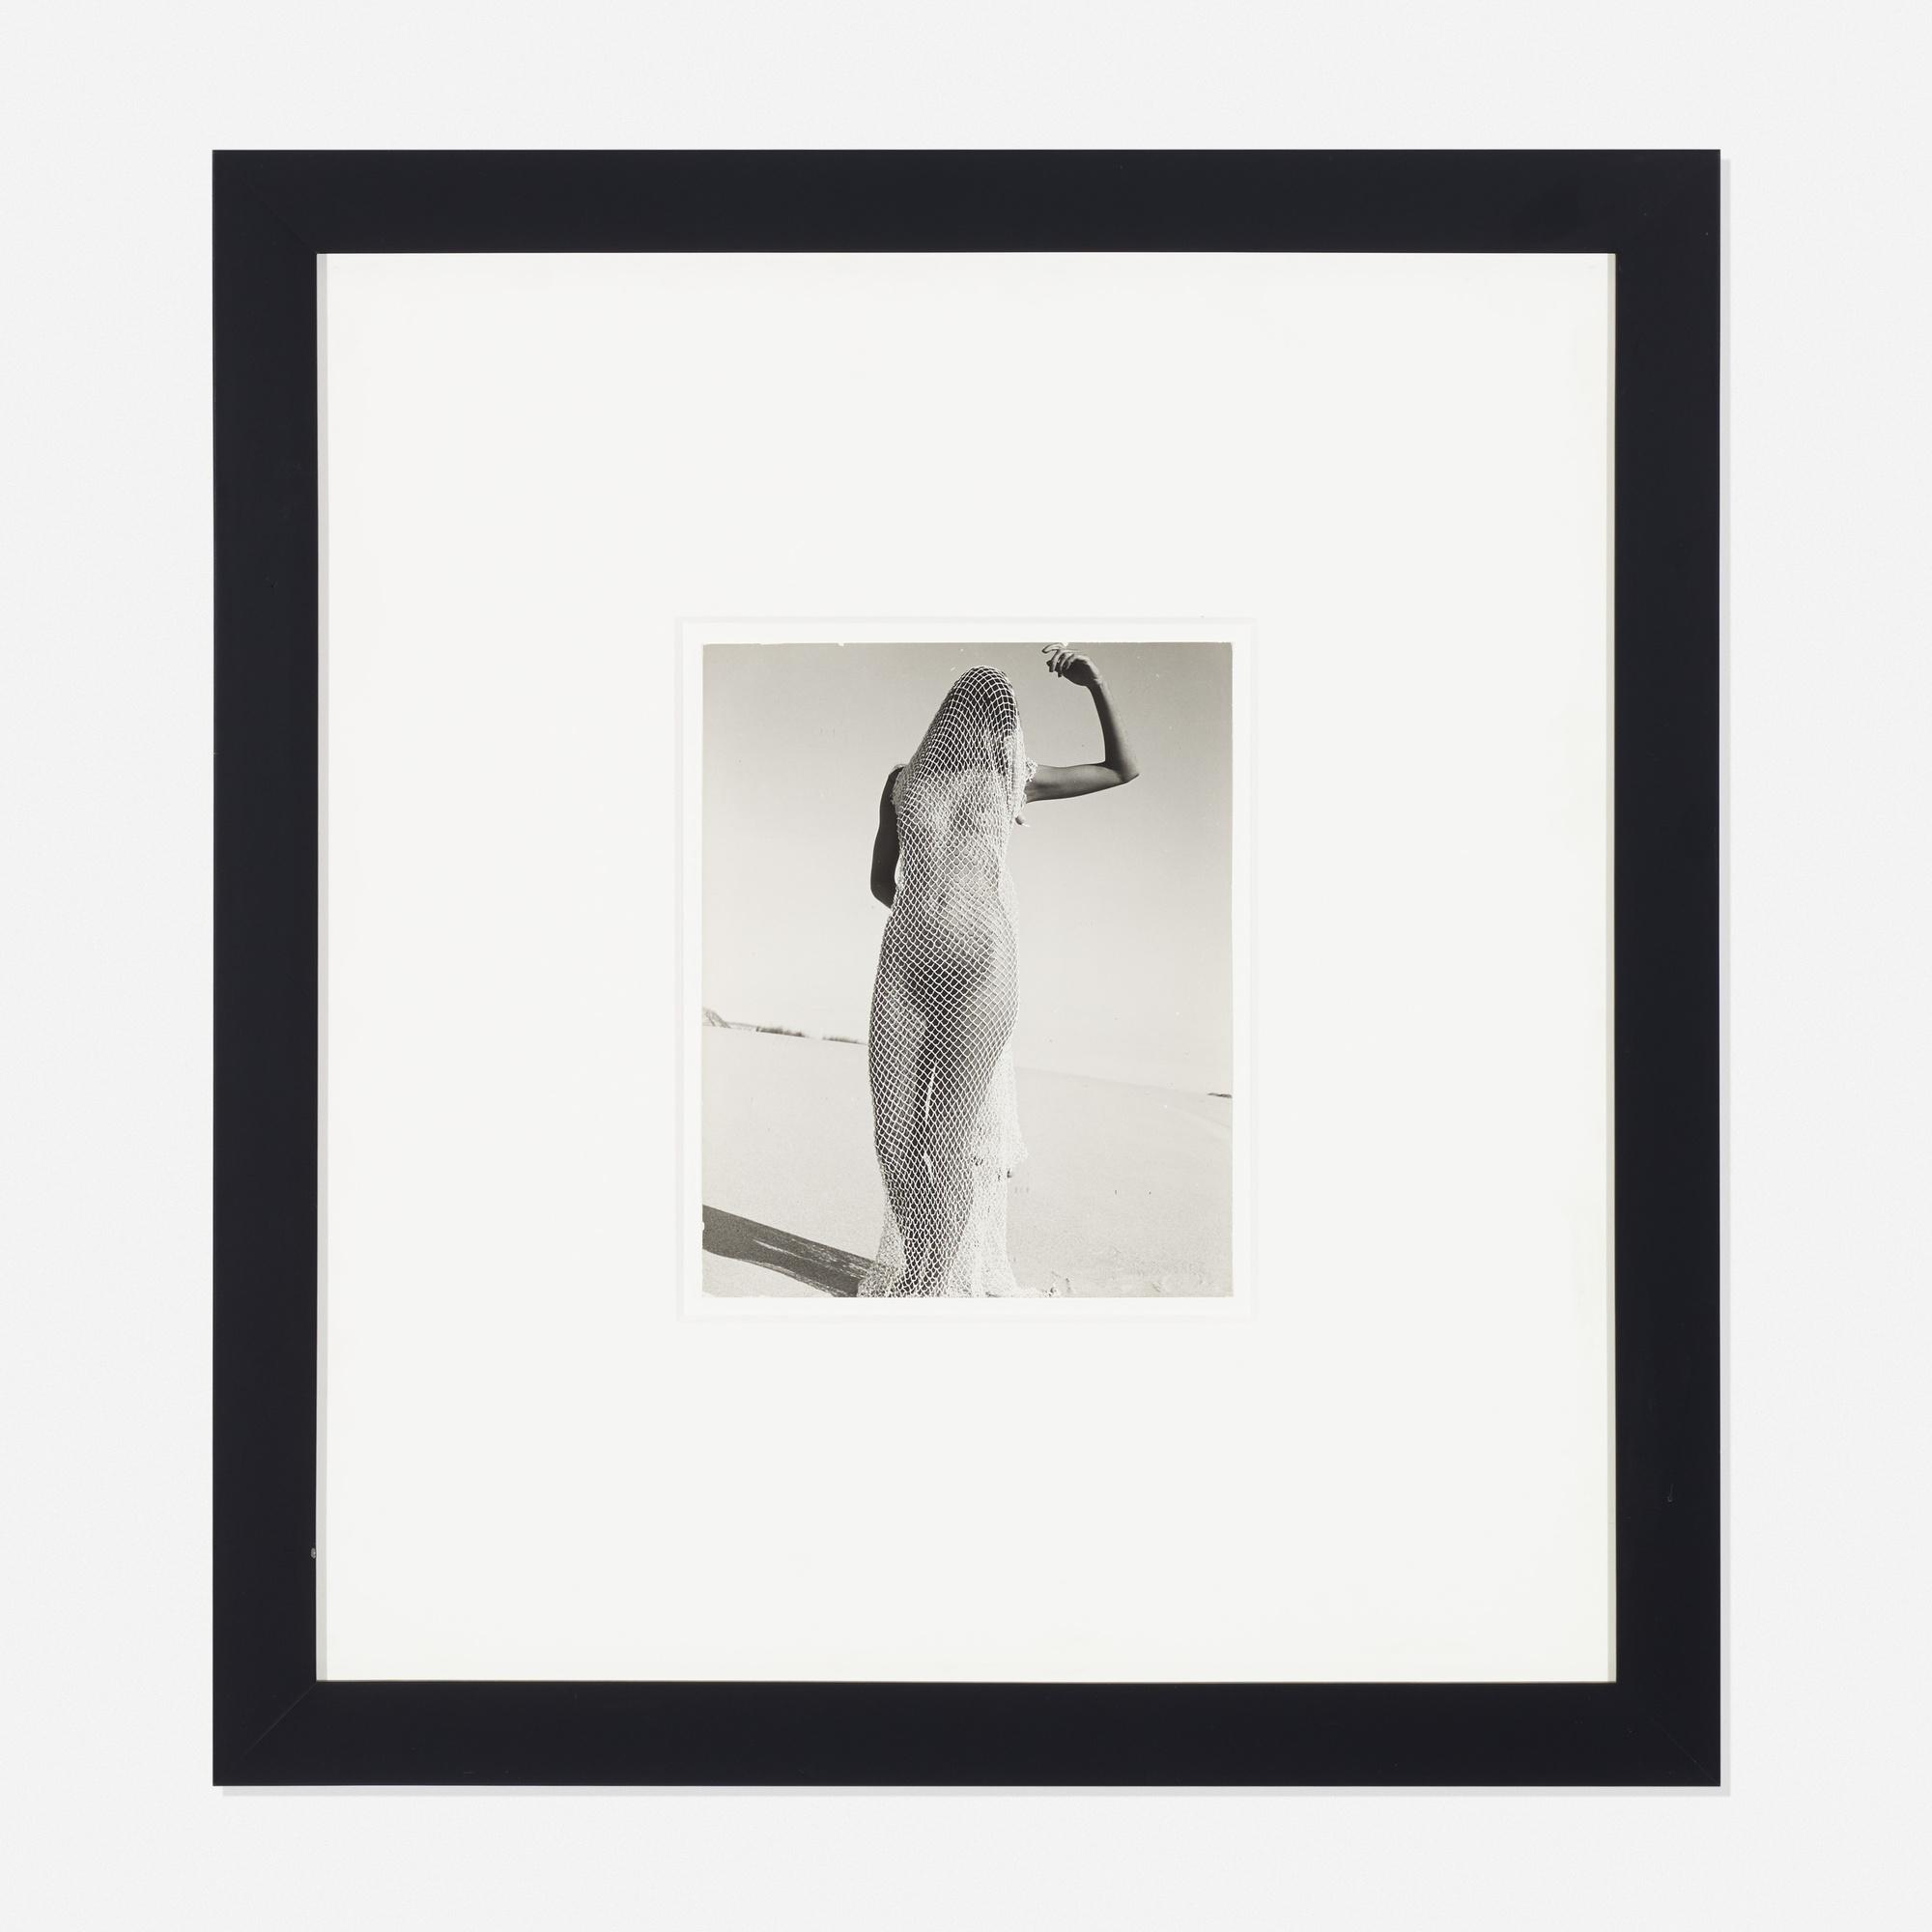 291: Herbert Matter / Mercedes, Nude in Net (1 of 1)